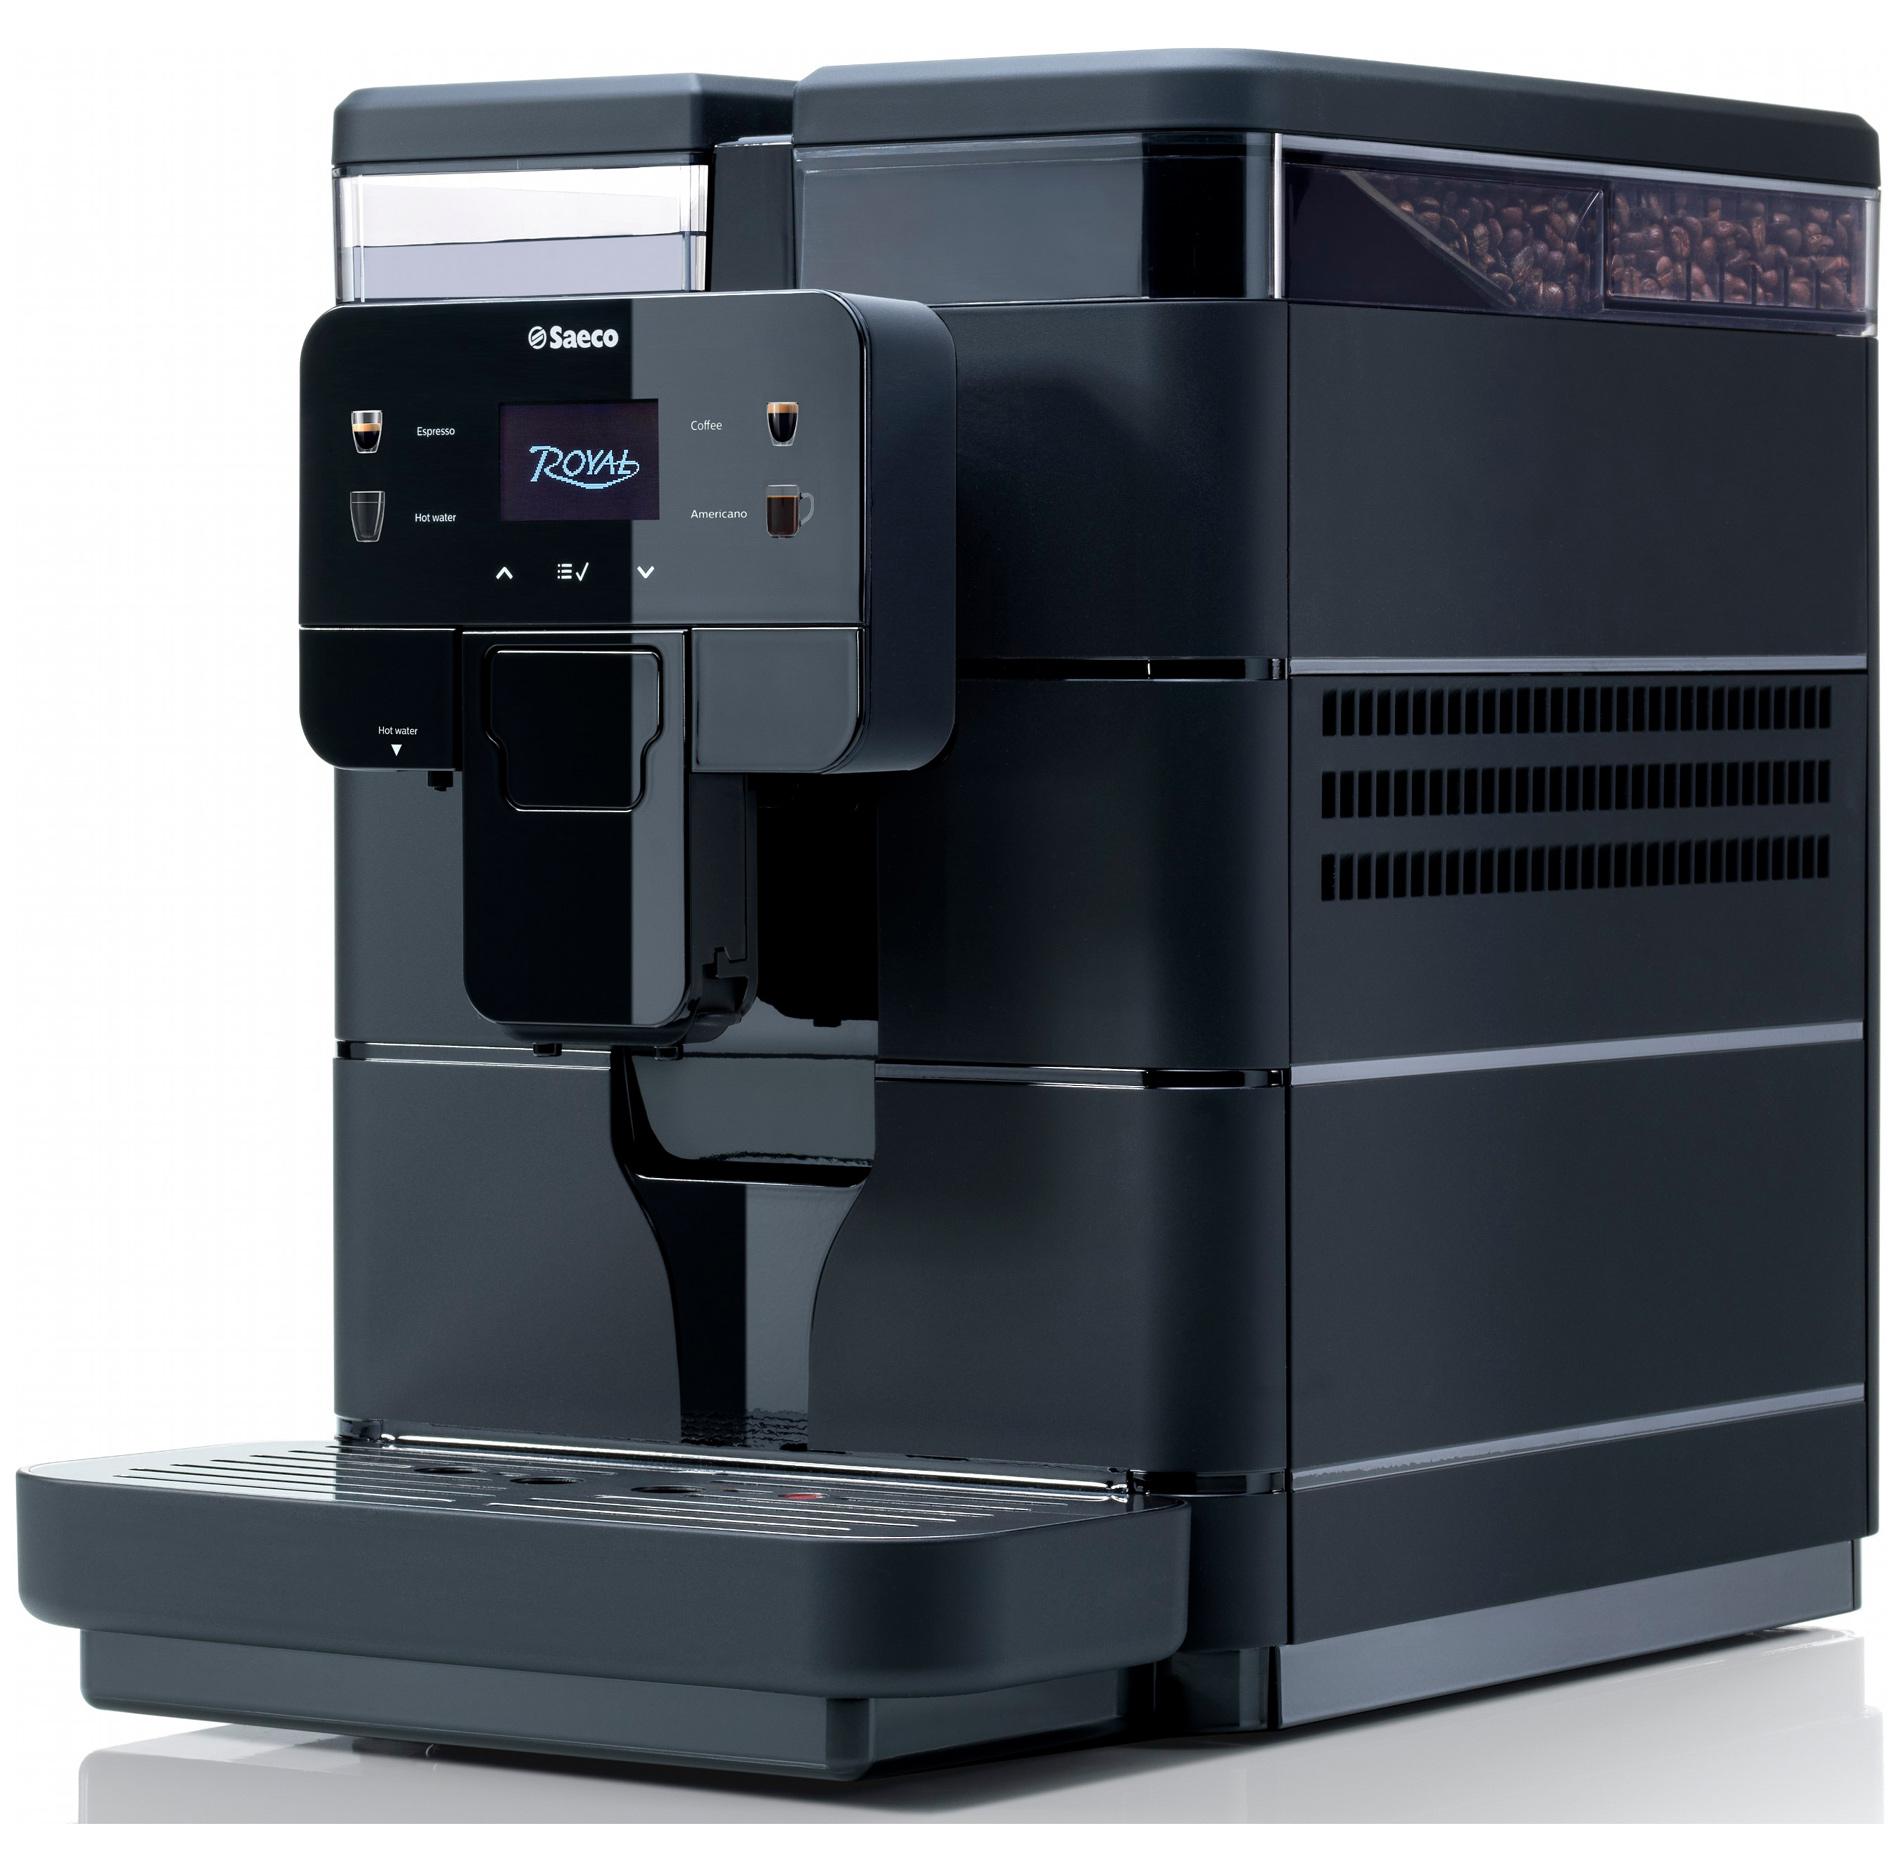 Кофемашина Saeco Royal Black, черн. SAECO - фото 4